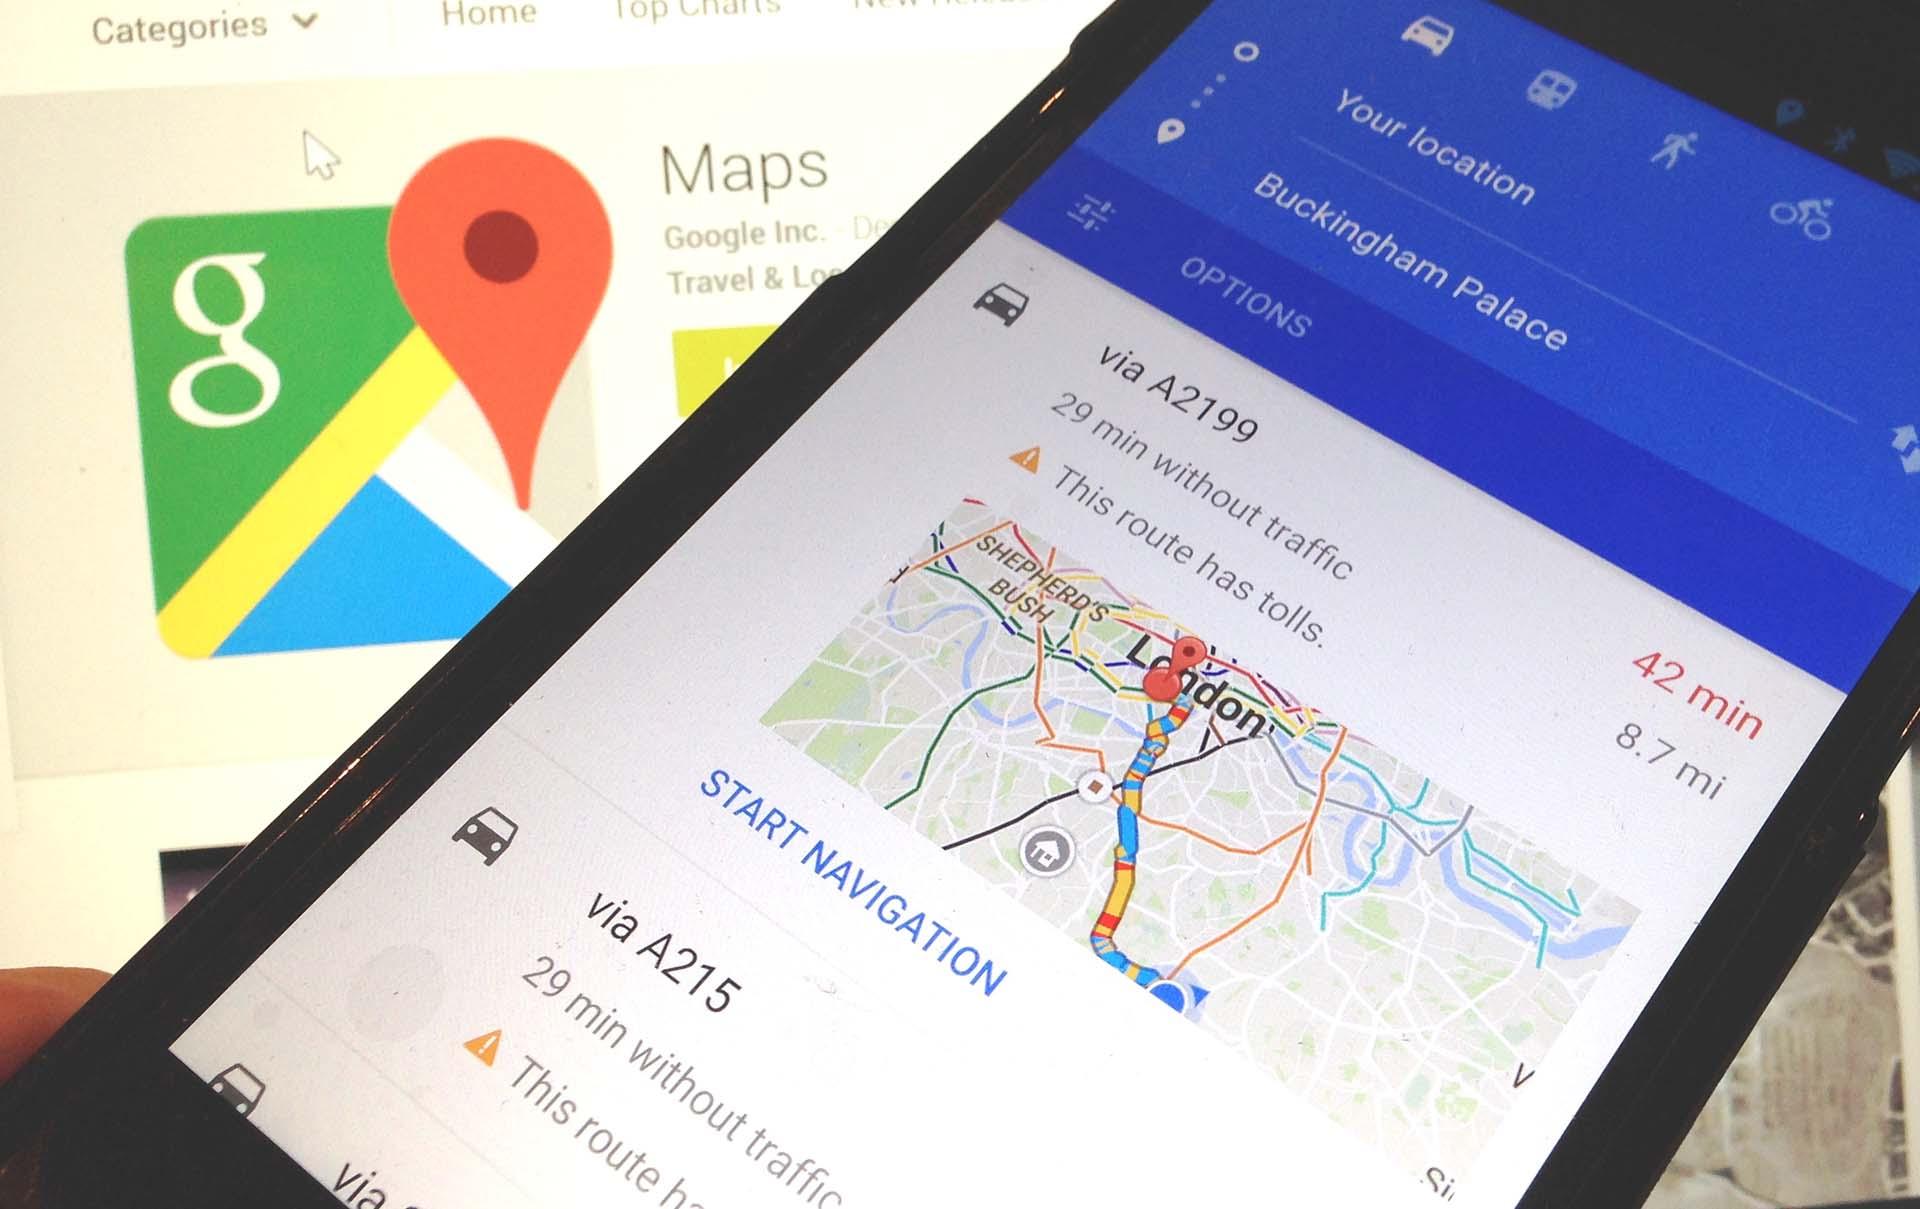 Ecco come fa Google Maps a sapere le informazioni sul traffico in tempo reale